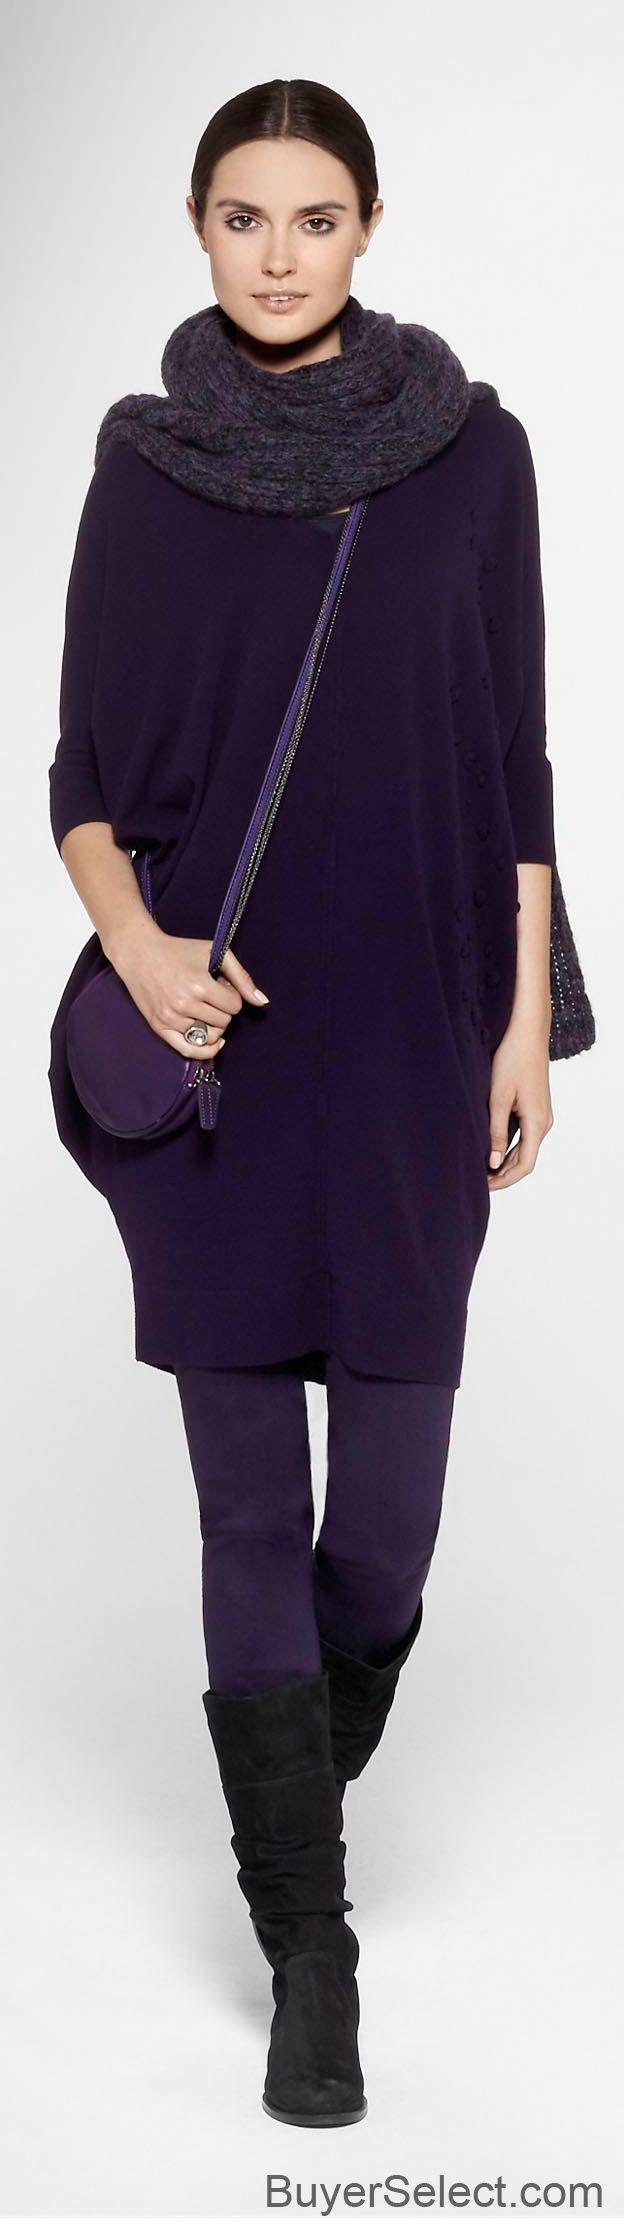 Farb-und Stilberatung mit www.farben-reich.com -Sara Pacini Women's Designer Collection